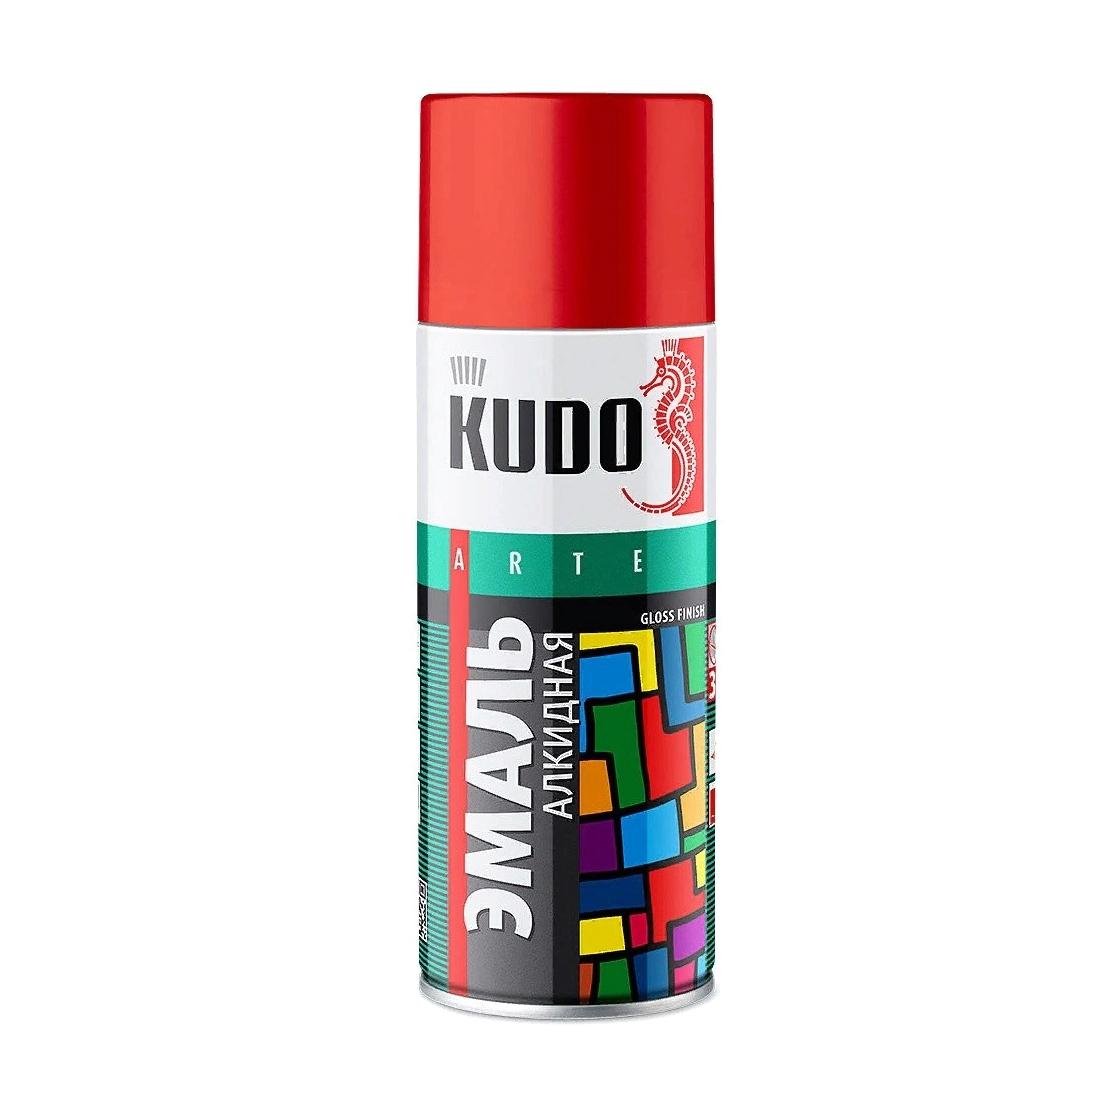 Эмаль Kudo универсальная охра 520 мл эмаль аэрозольная kudo 1026 универсальная 520 мл серебро арт эк000013304